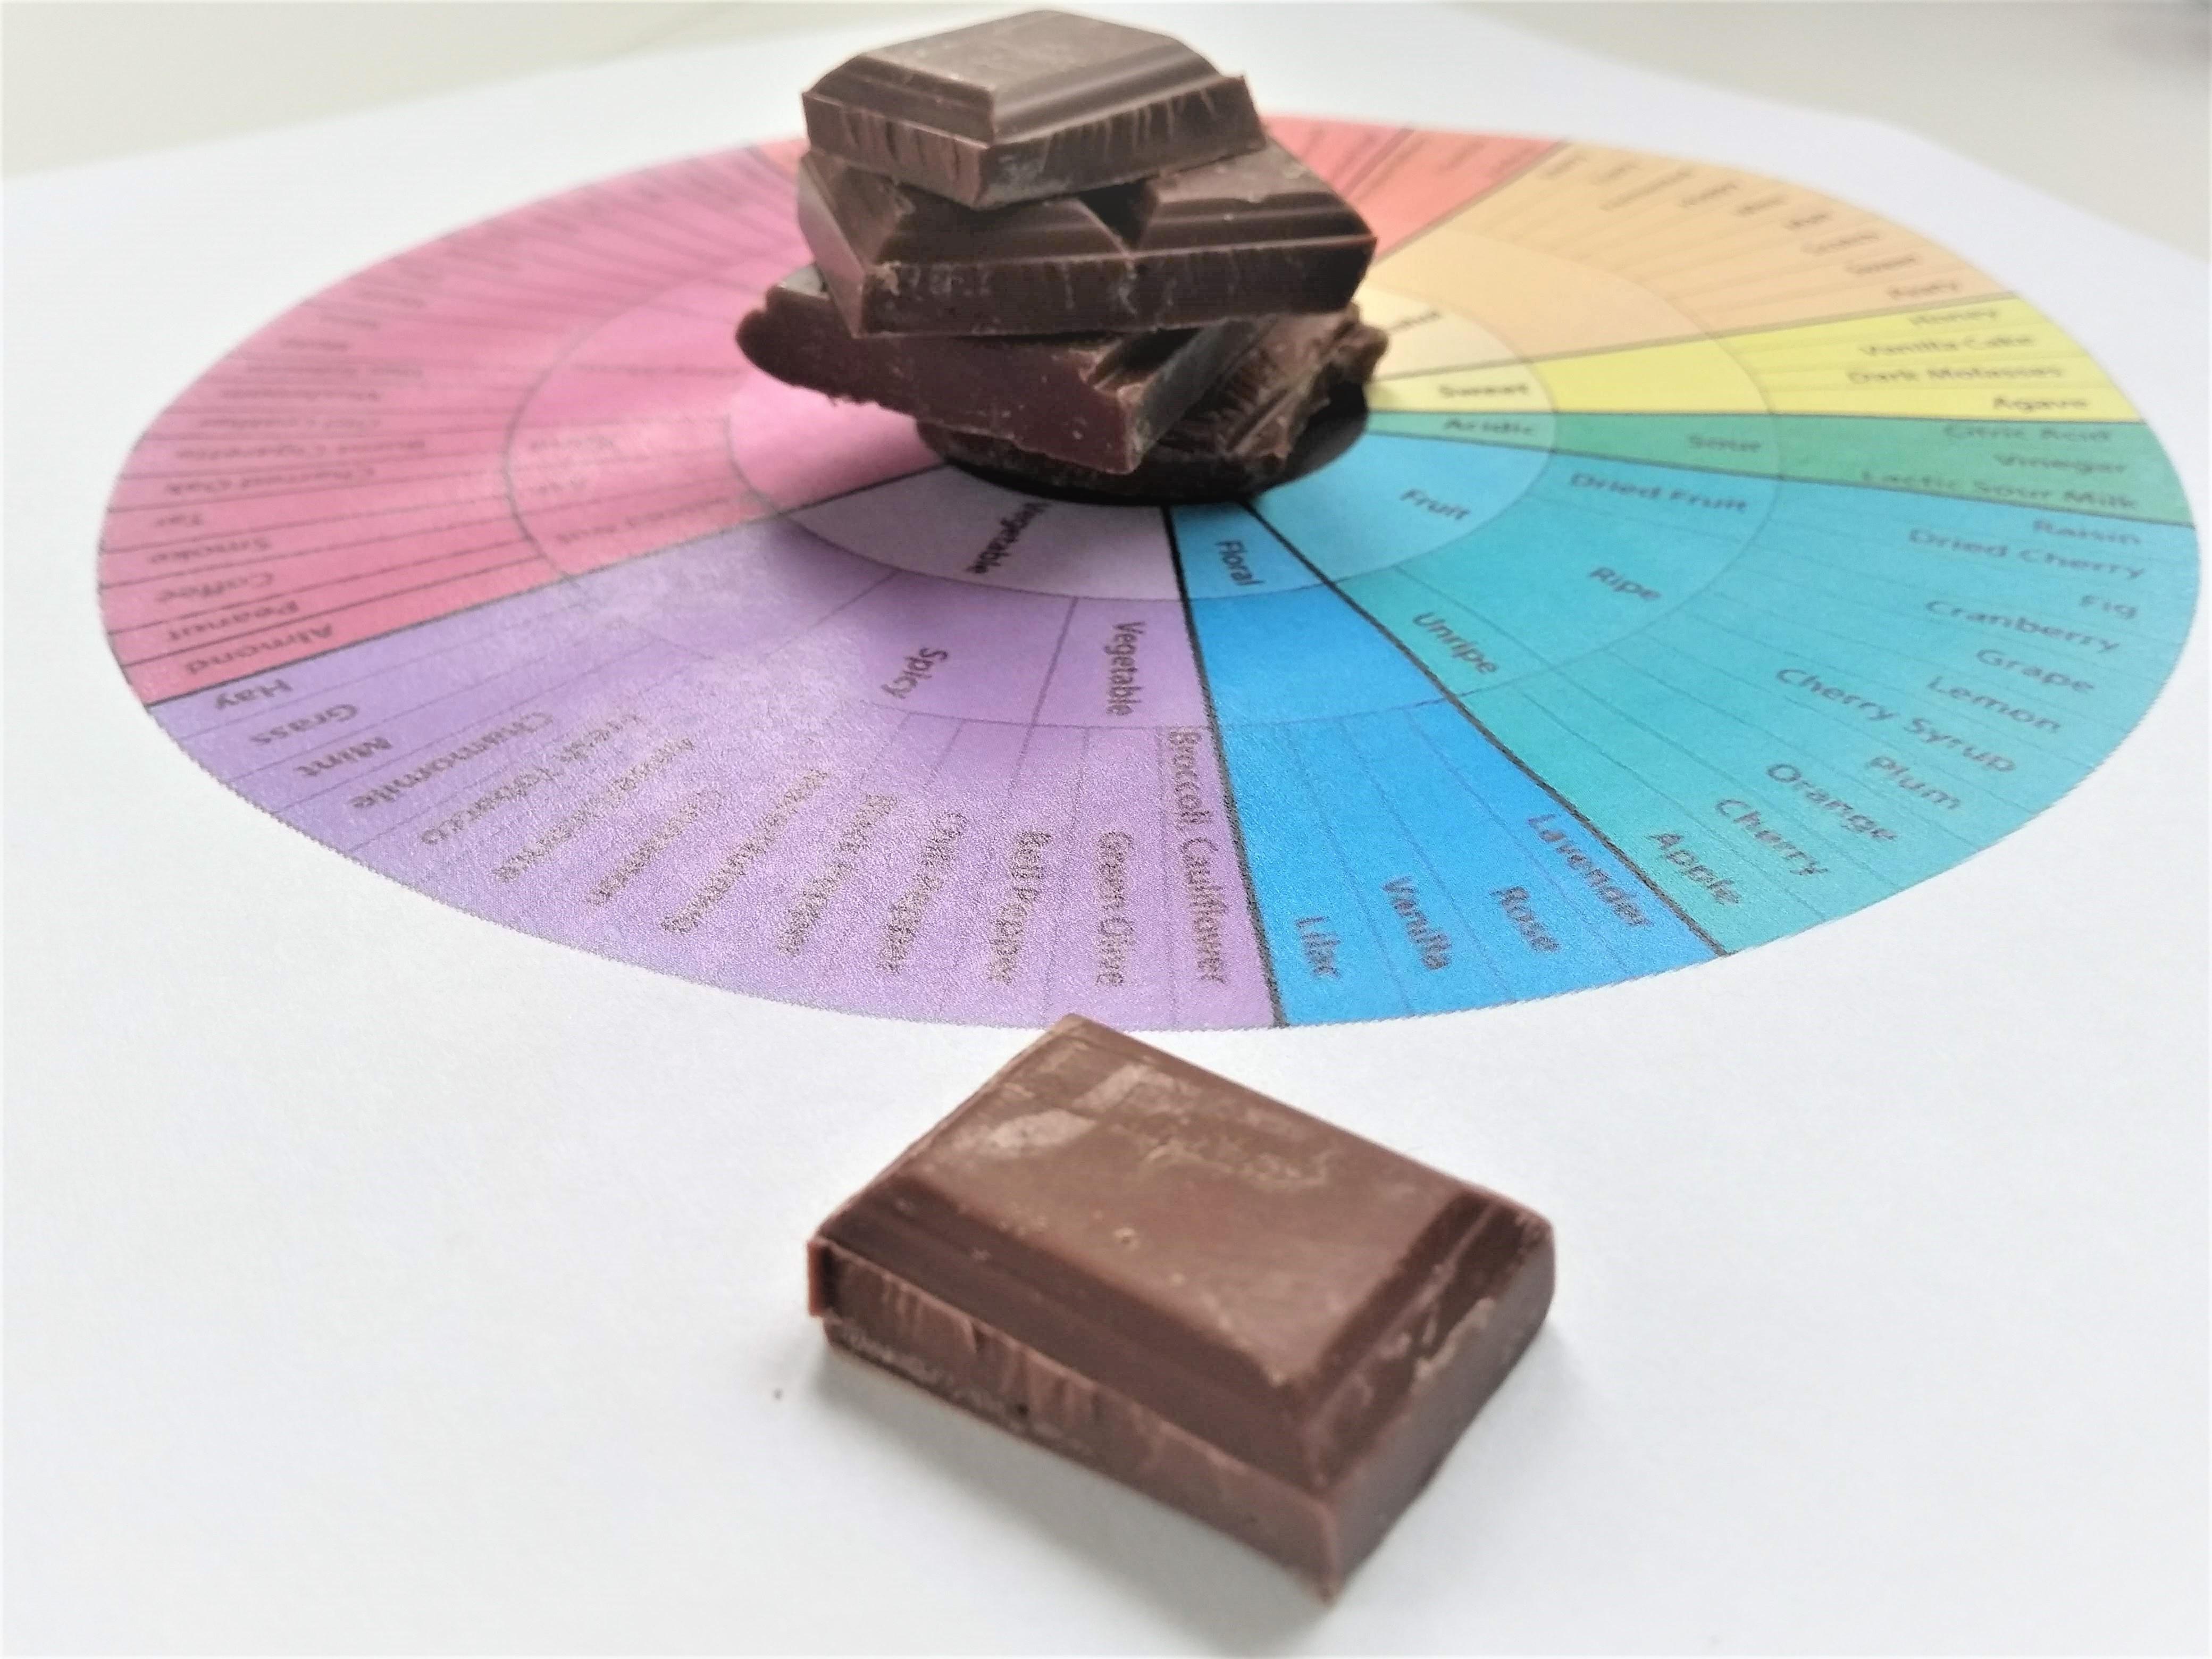 Chocolade proeven, je moet het maar kunnen